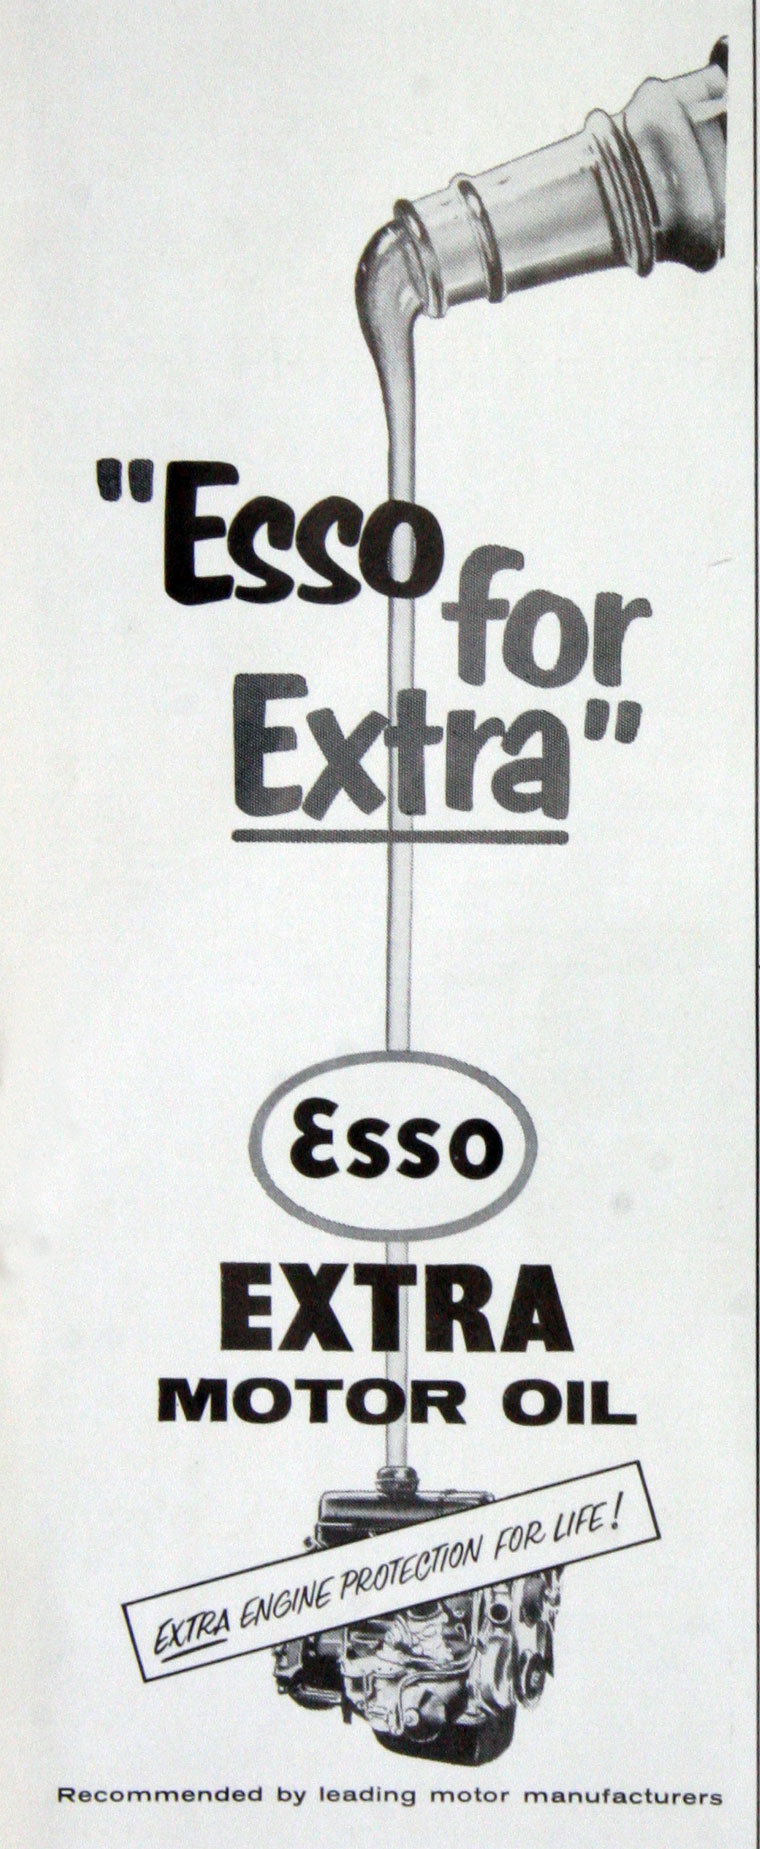 Esso - Graces Guide